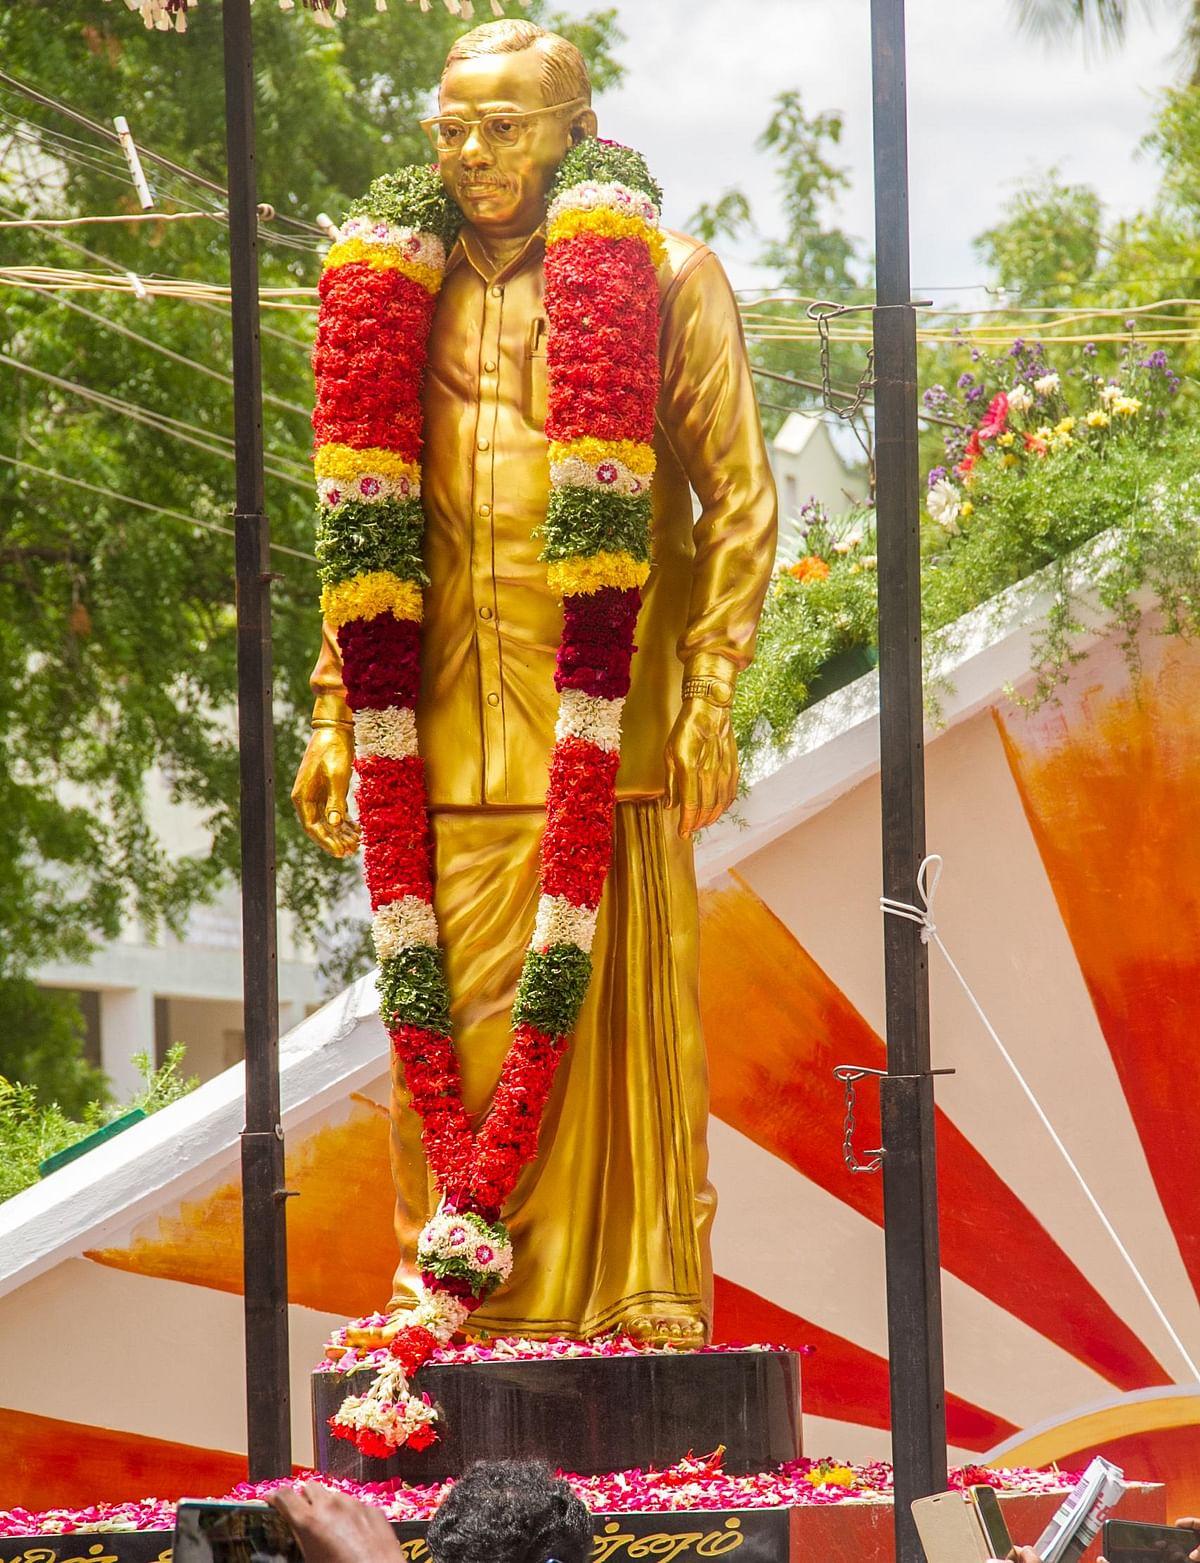 `3 தலைவர்களின் சிலை திறப்பு; வாக்காளர்களுக்கு நன்றி தெரிவிக்கும் கூட்டம்!' - திருச்சியில் முகாமிட்ட ஸ்டாலின்